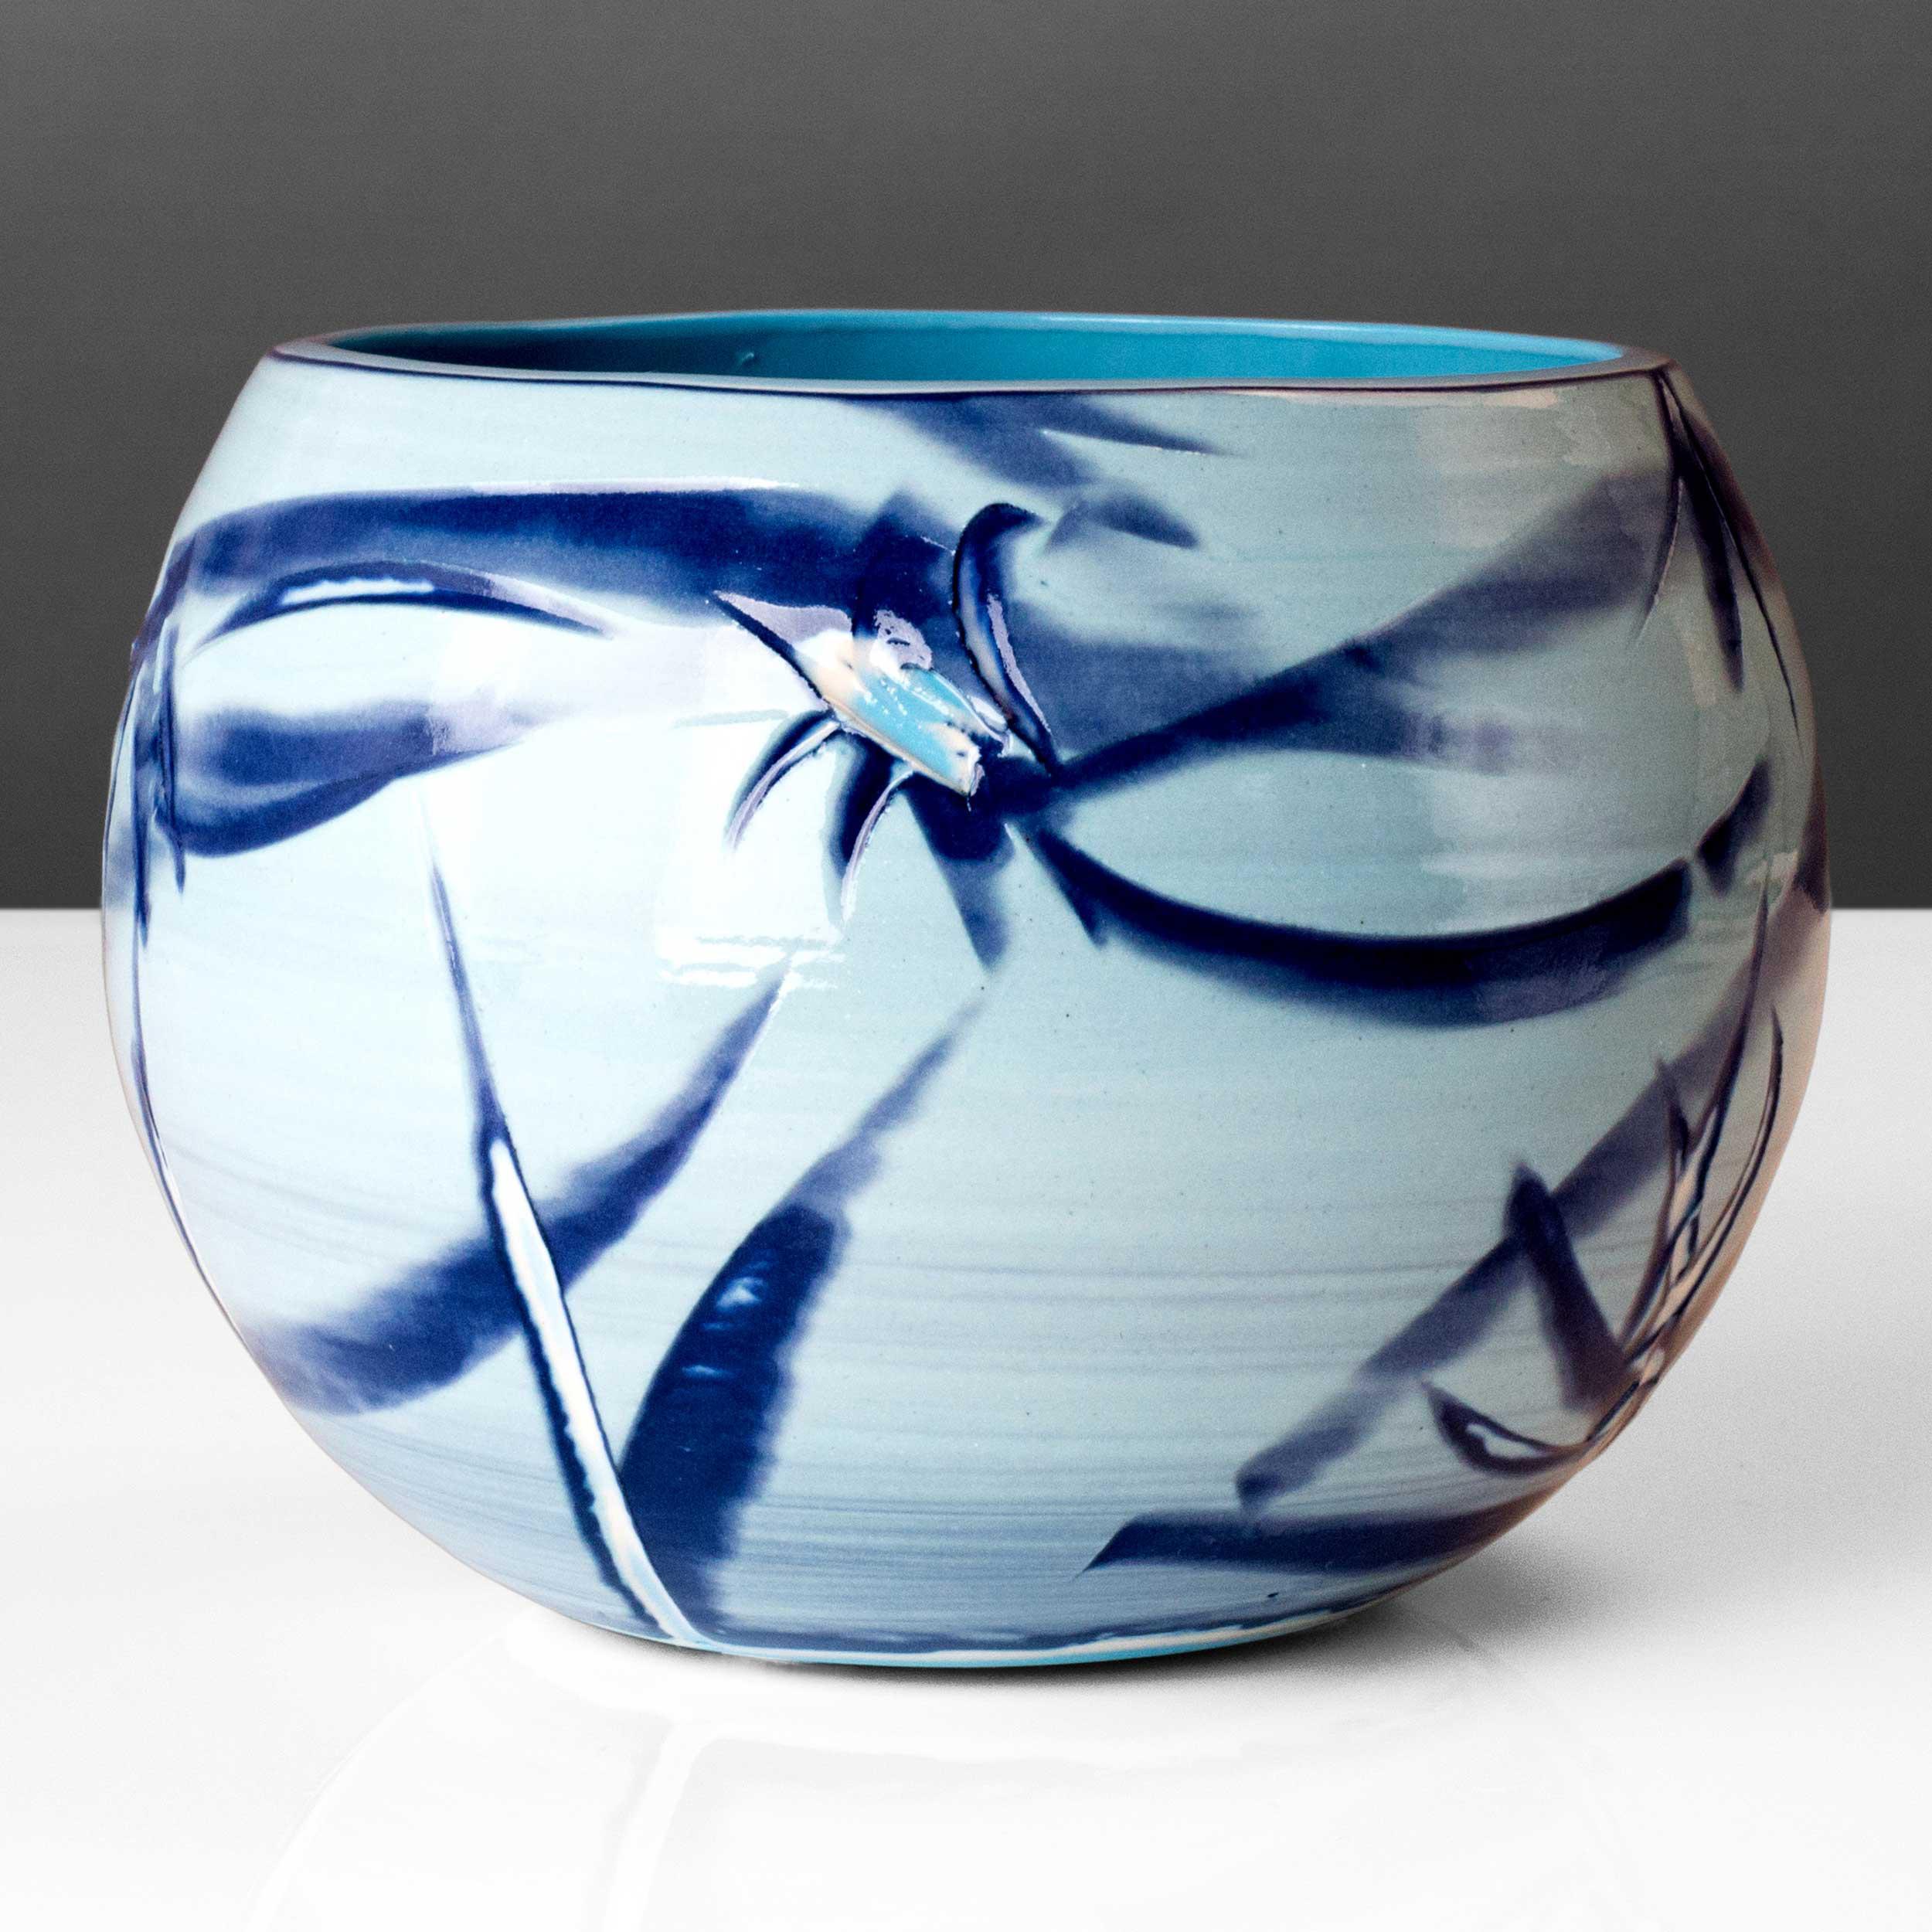 Spherical Bowl Vase Reef Series by Rowena Gilbert